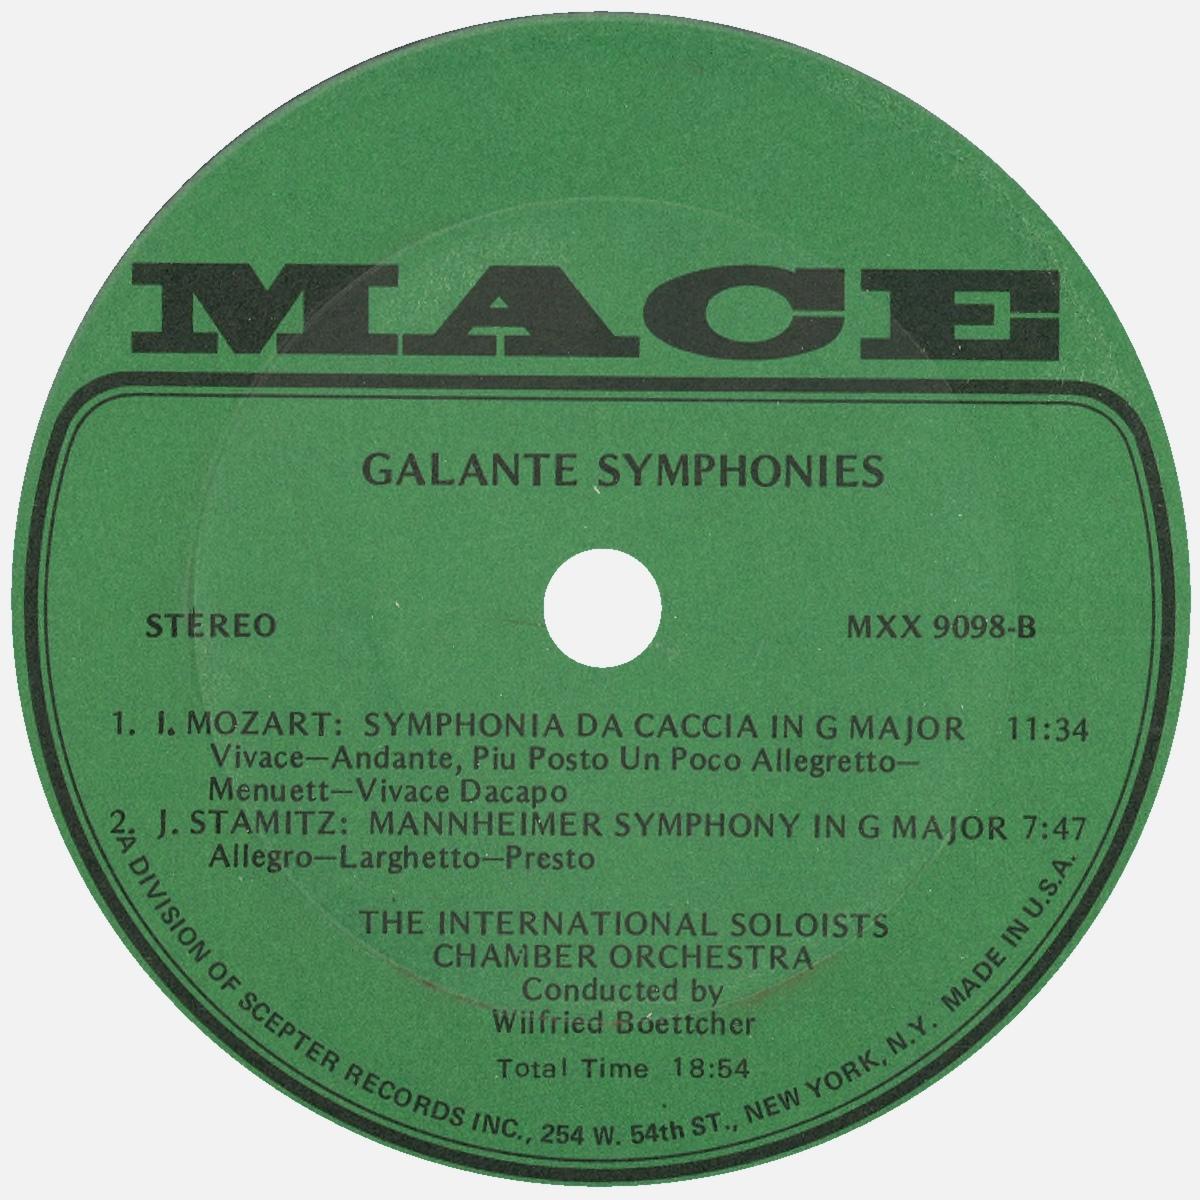 Étiquette verso du disque MACE 9098